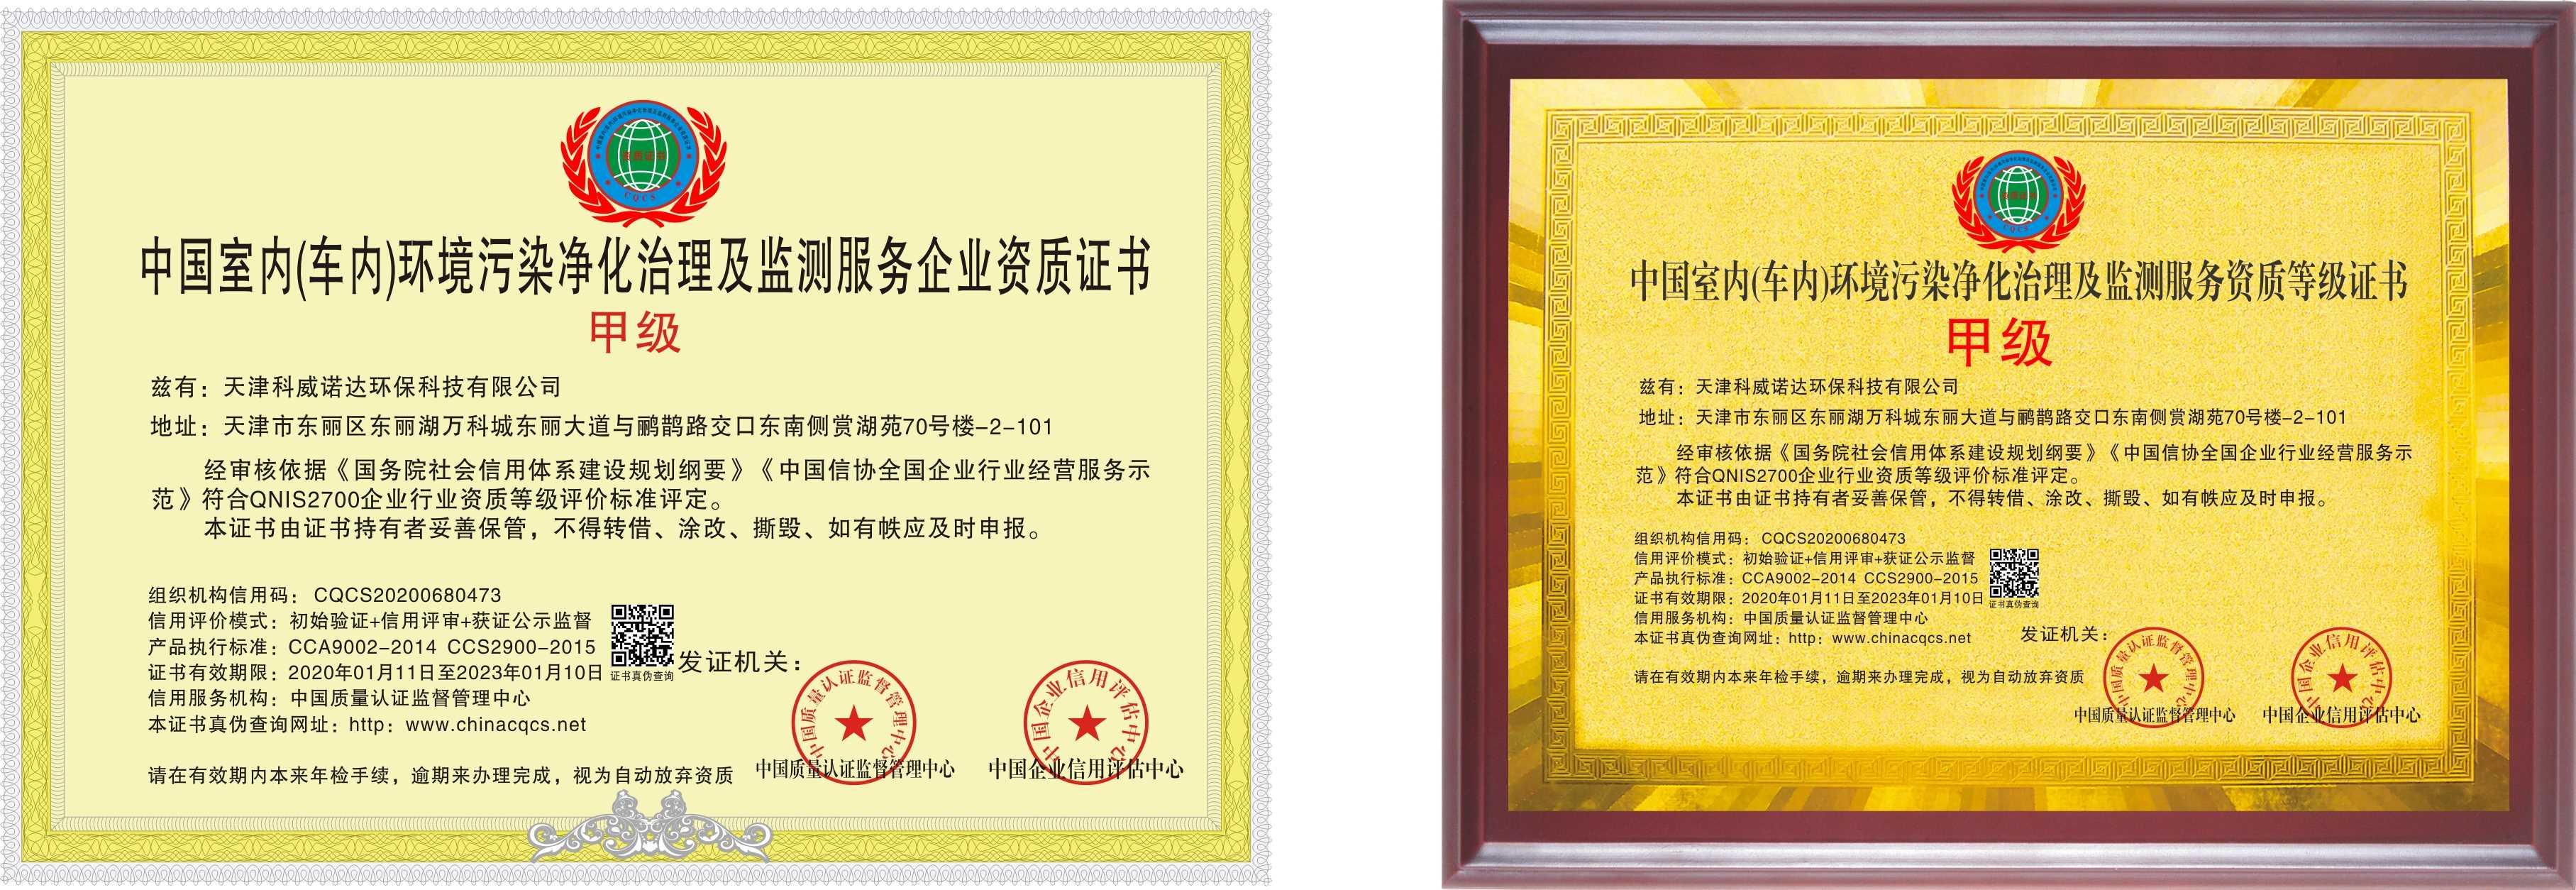 荣誉证书-贝博备用网址及监测资质-甲级